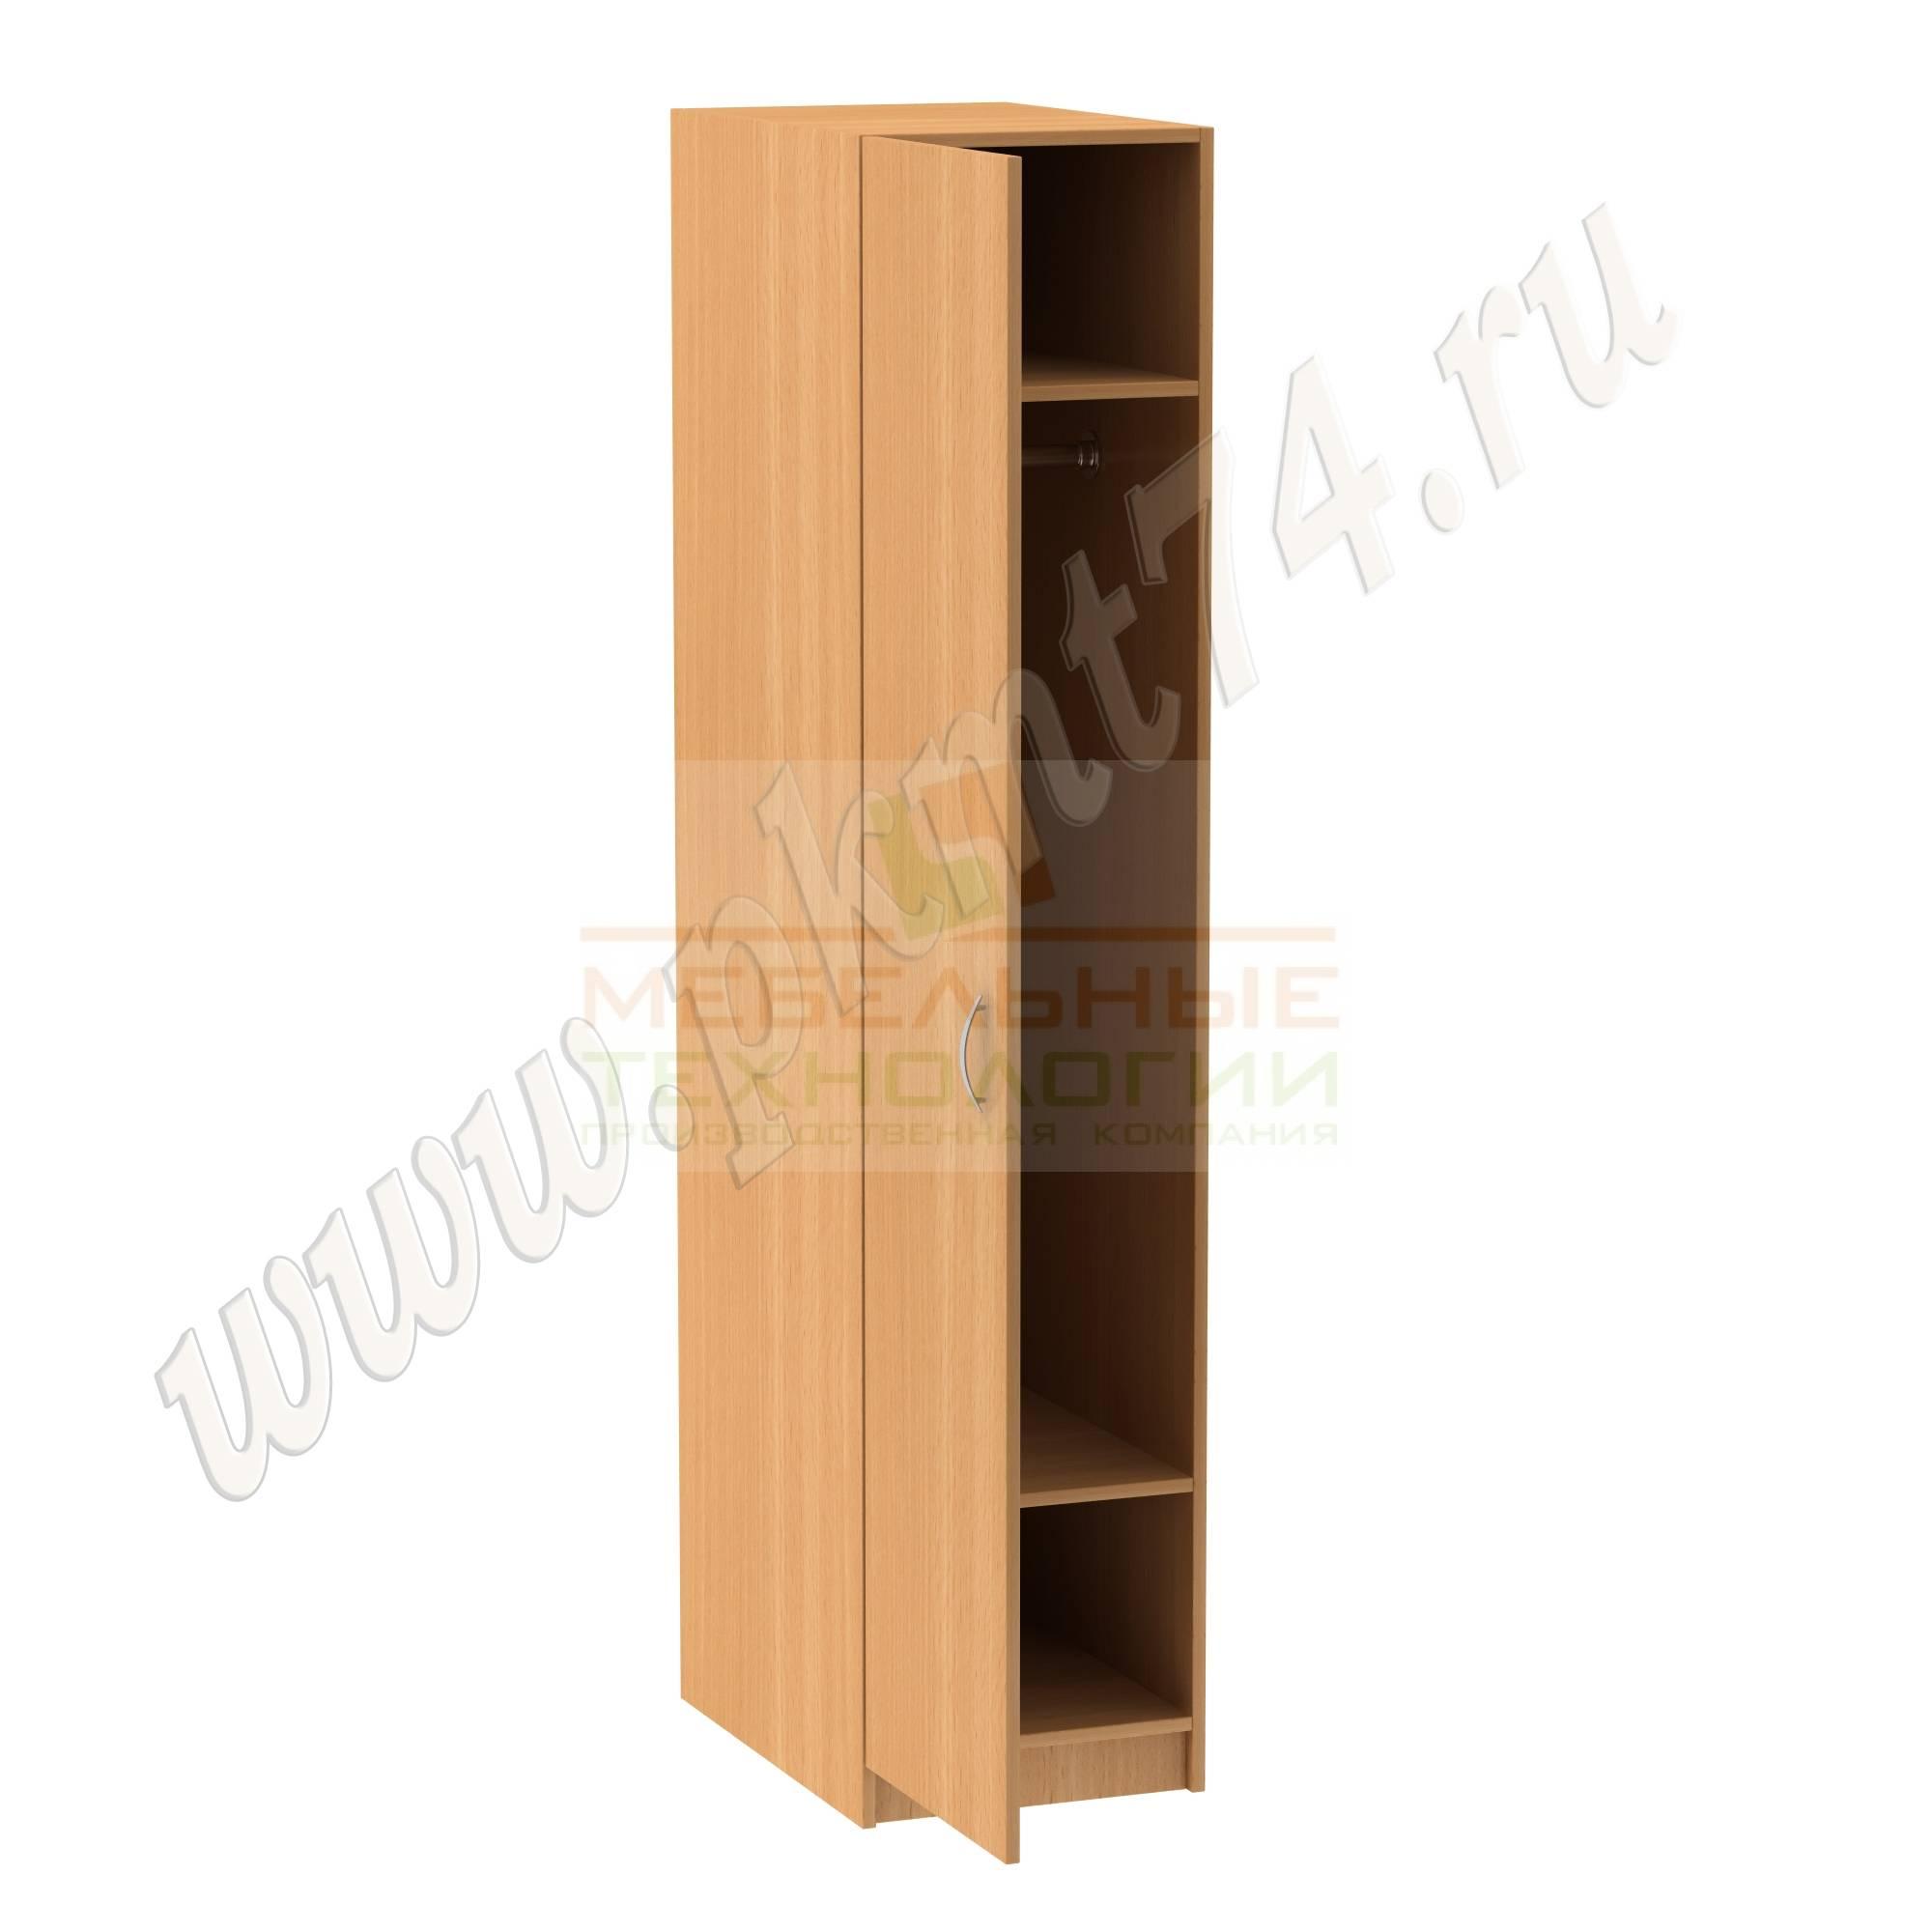 Шкаф для одежды с хромированной штангой трубой